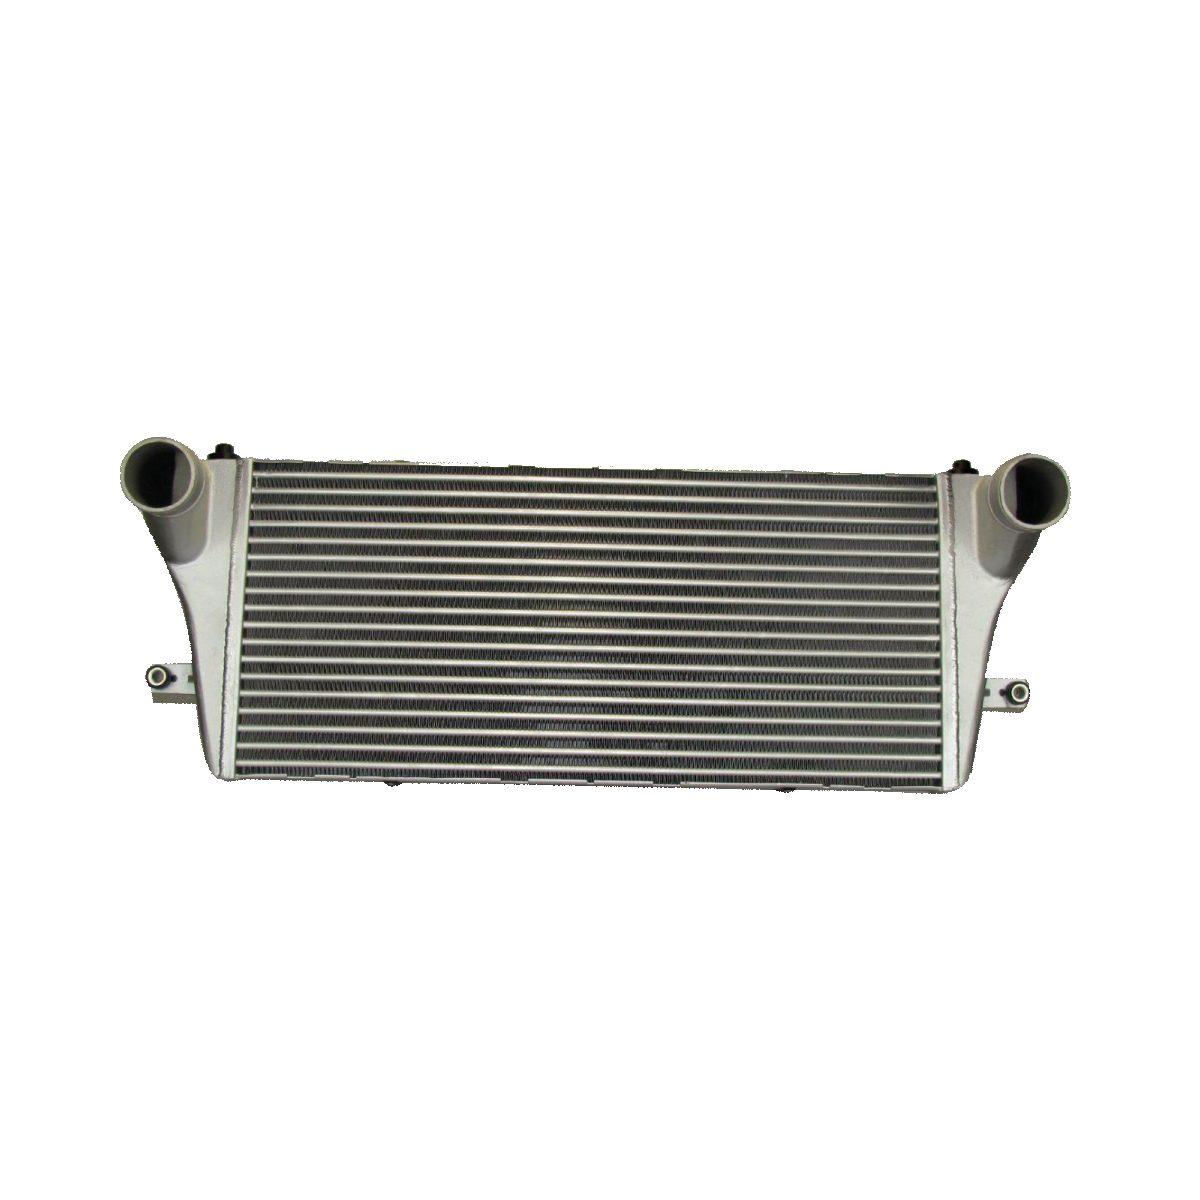 mercedes benz dodge sprinter 2500 3500 2.7l 03 04 charge air cooler oem 9015010701